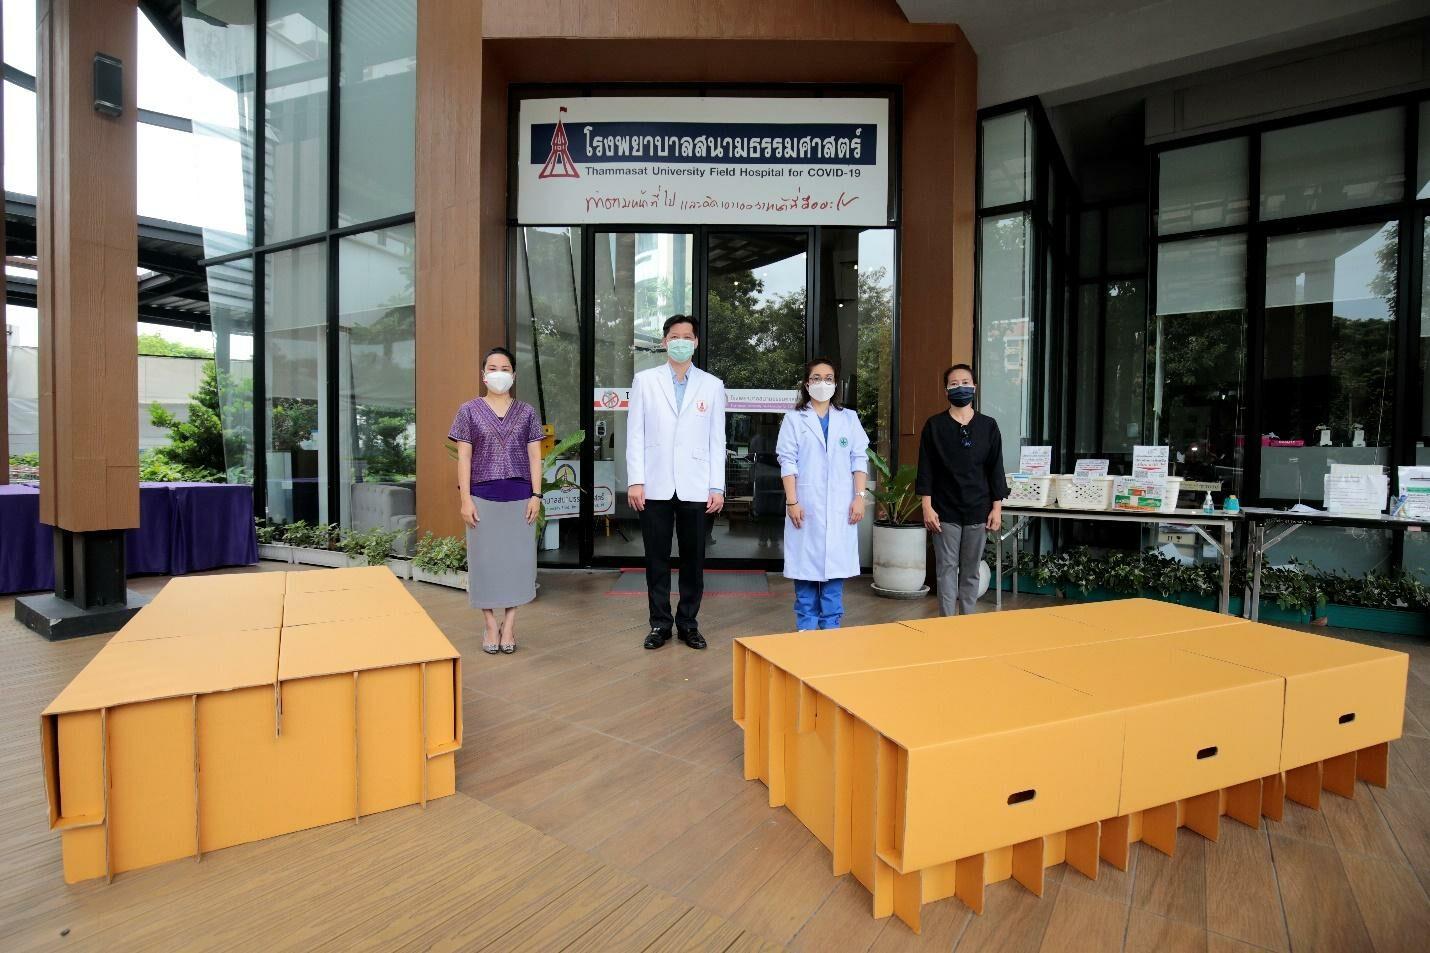 ประธานสภาวัฒนธรรมไทย-จีนฯ และเครือมติชน มอบเตียงสนามกระดาษให้ รพ.สนามธรรมศาสตร์ รองรับผู้ป่วยโควิด